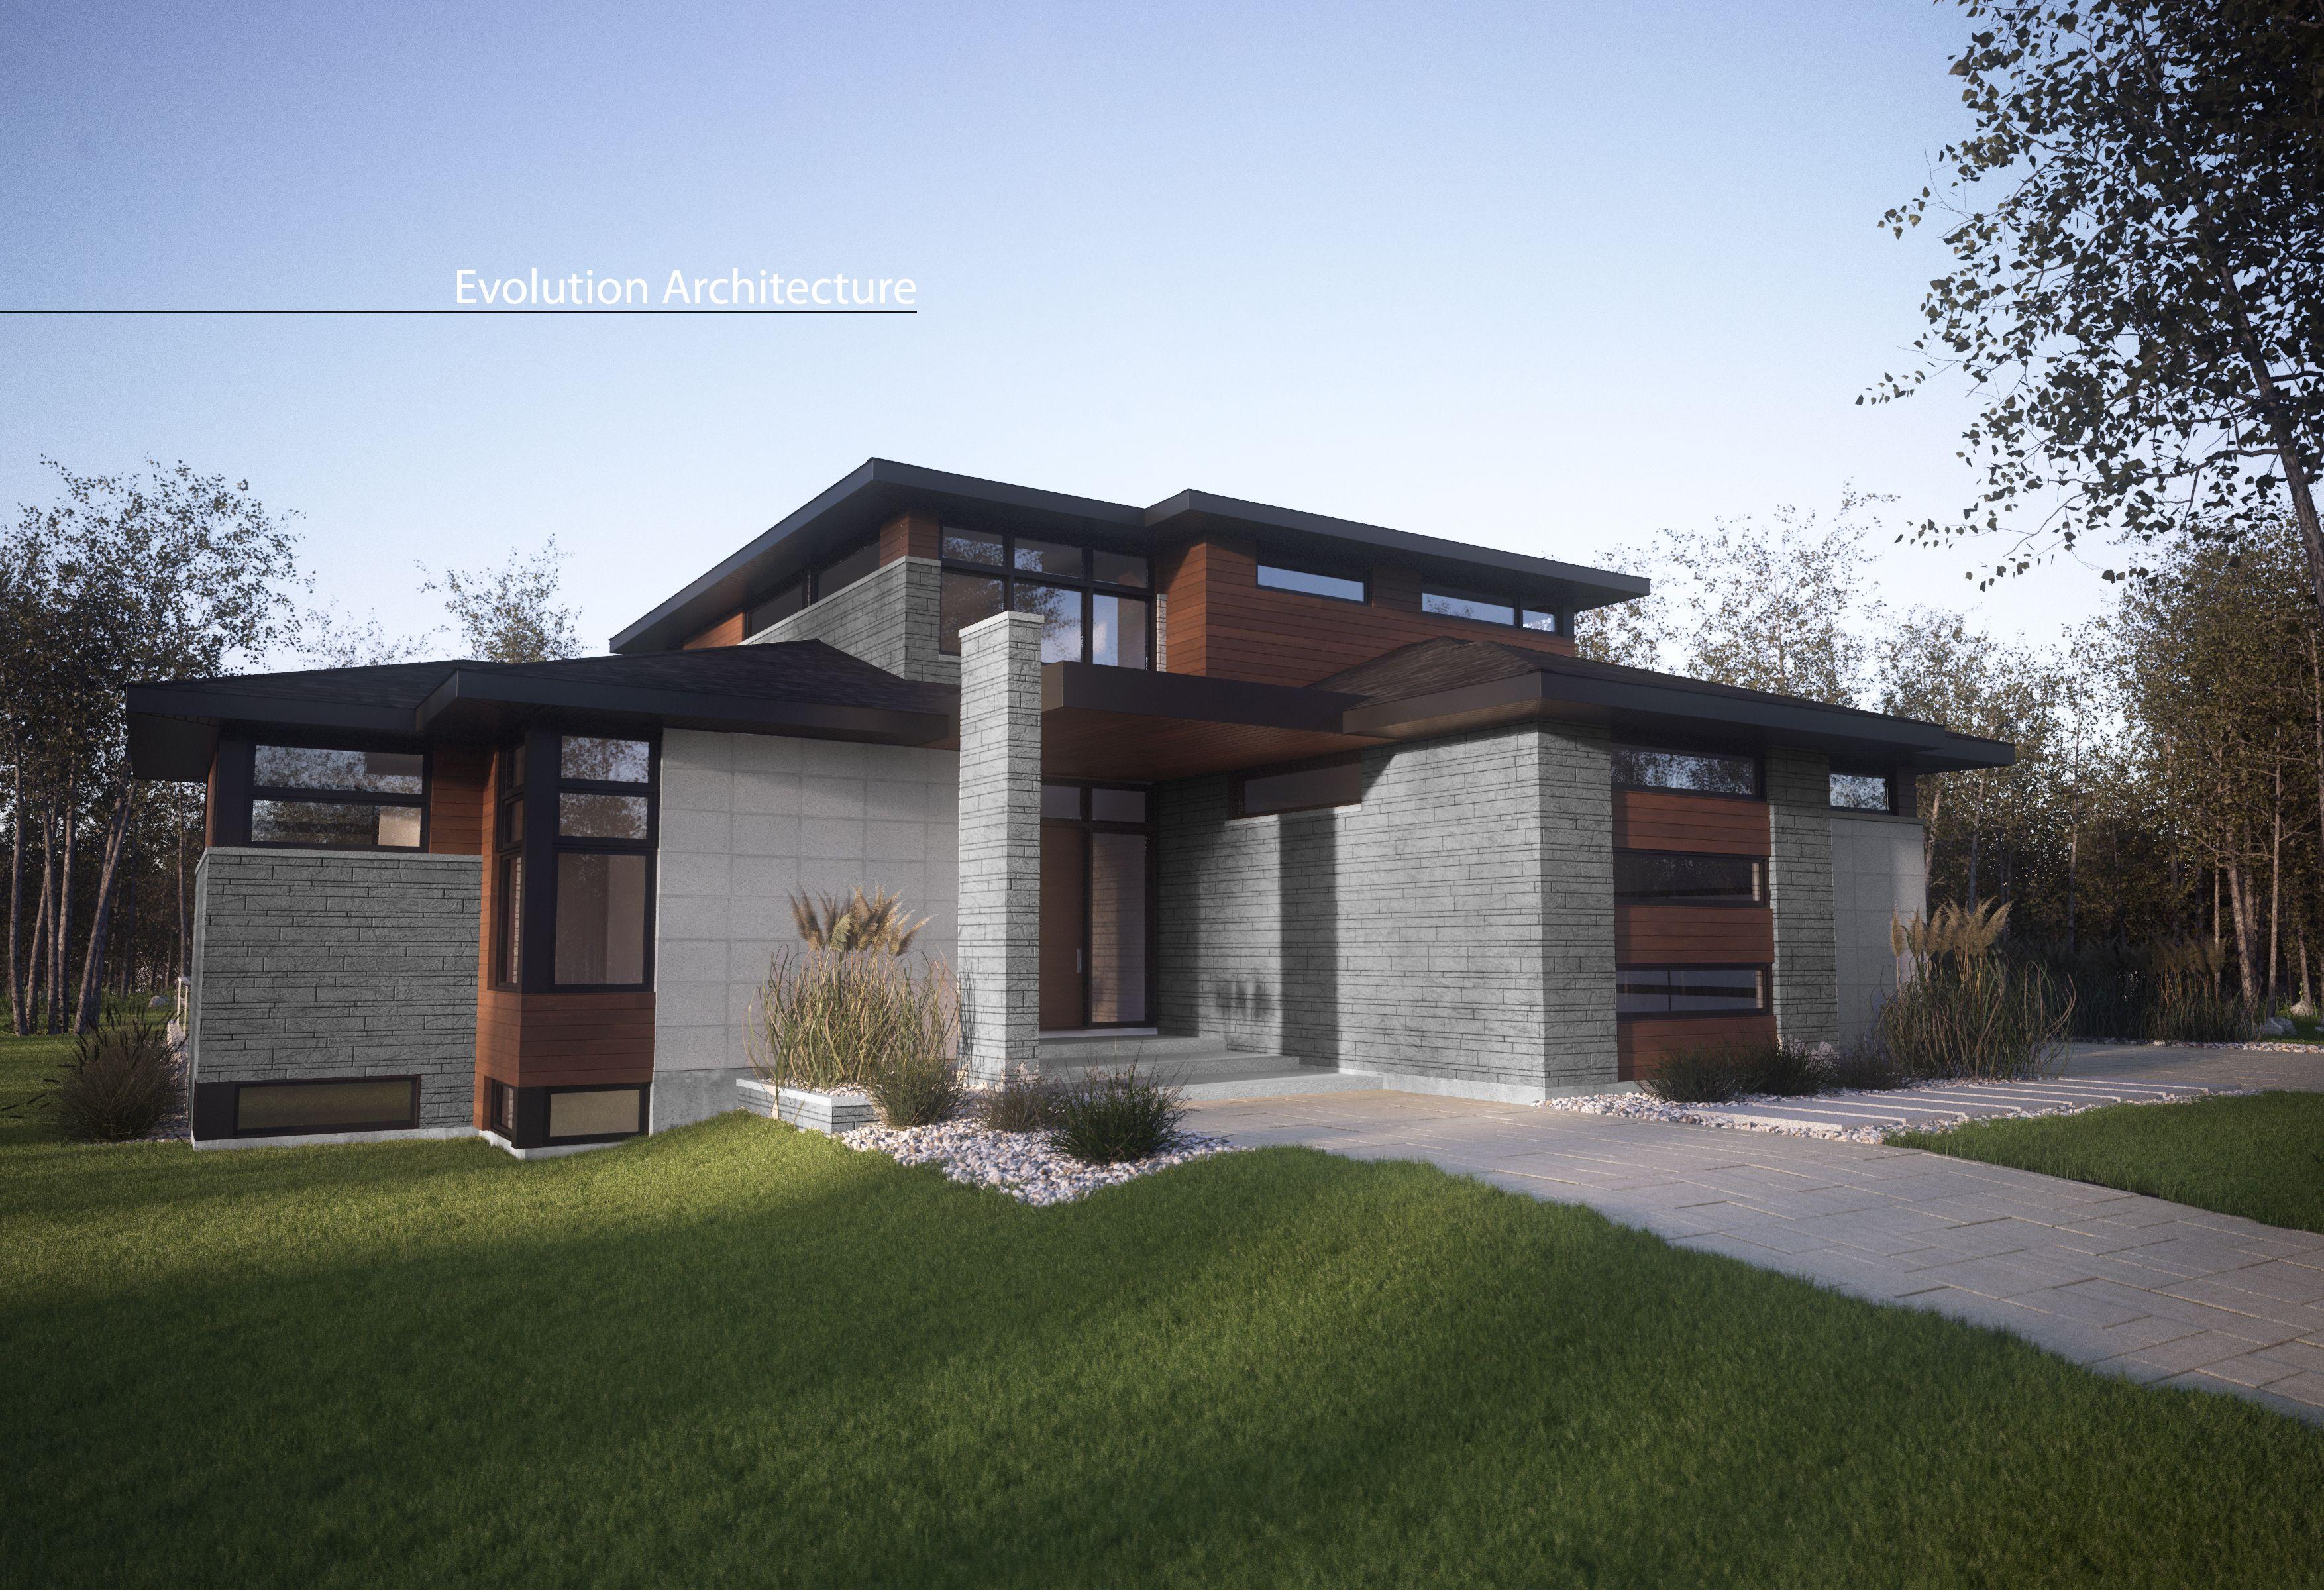 Evolution Architecture Maison Contemporaine Creation Exclusive E